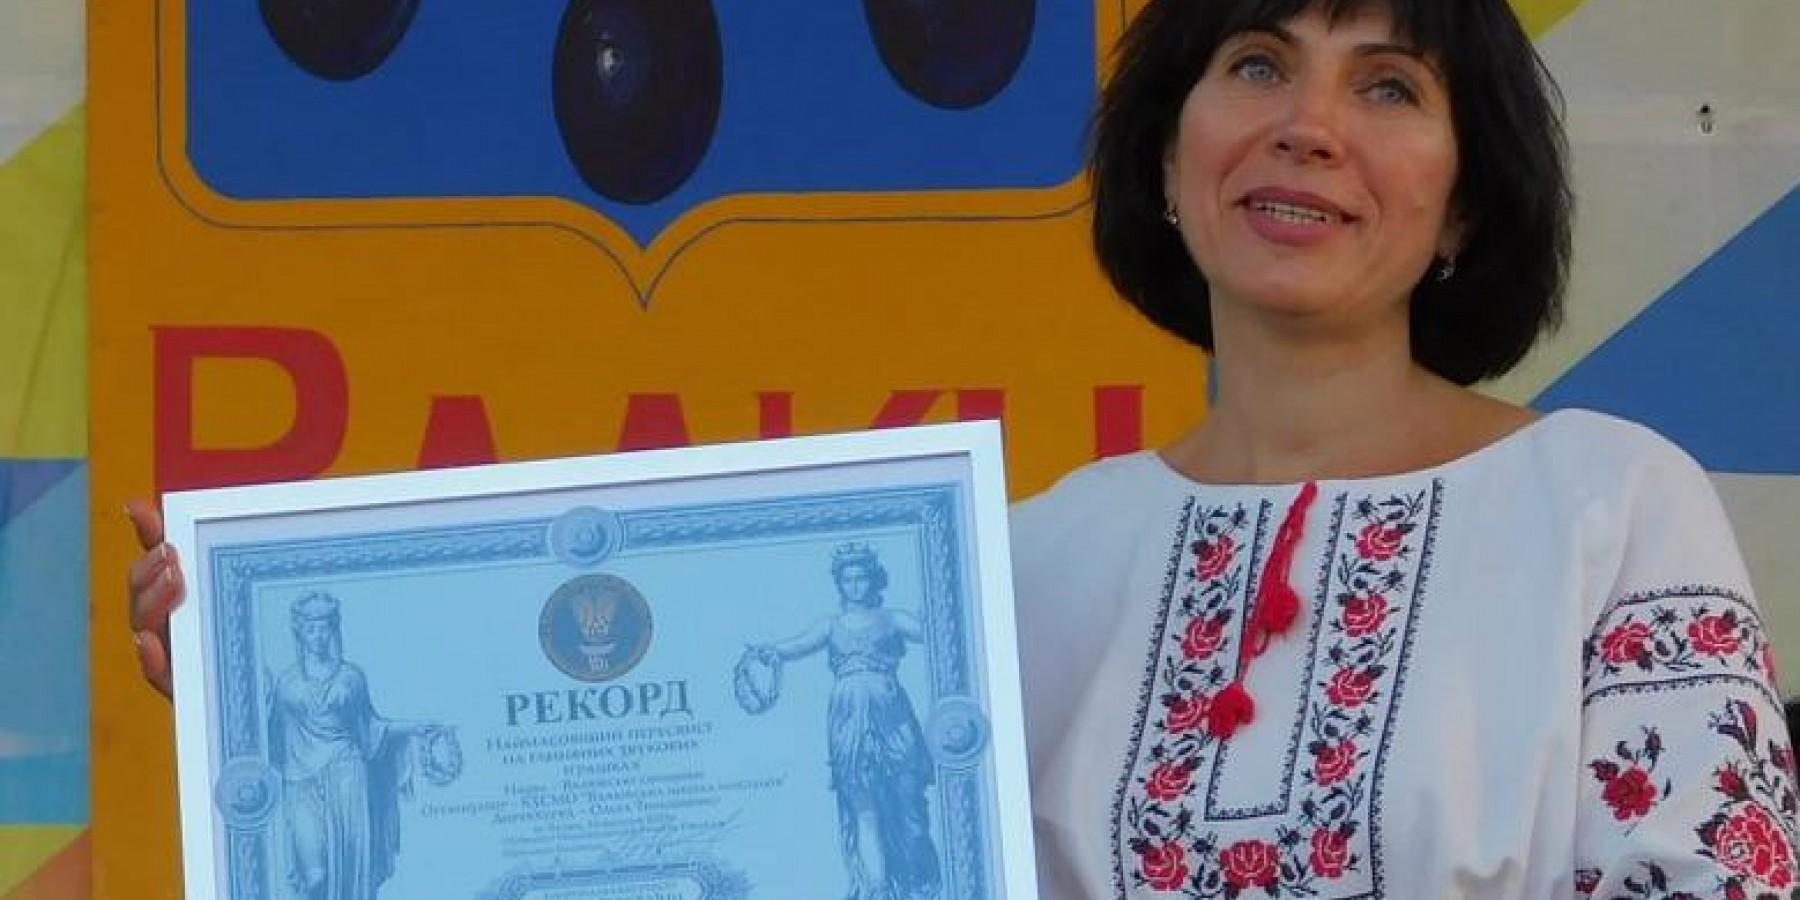 У Валках встановлено Національний рекорд України - одночасний пересвист на глиняній іграшці-забавці